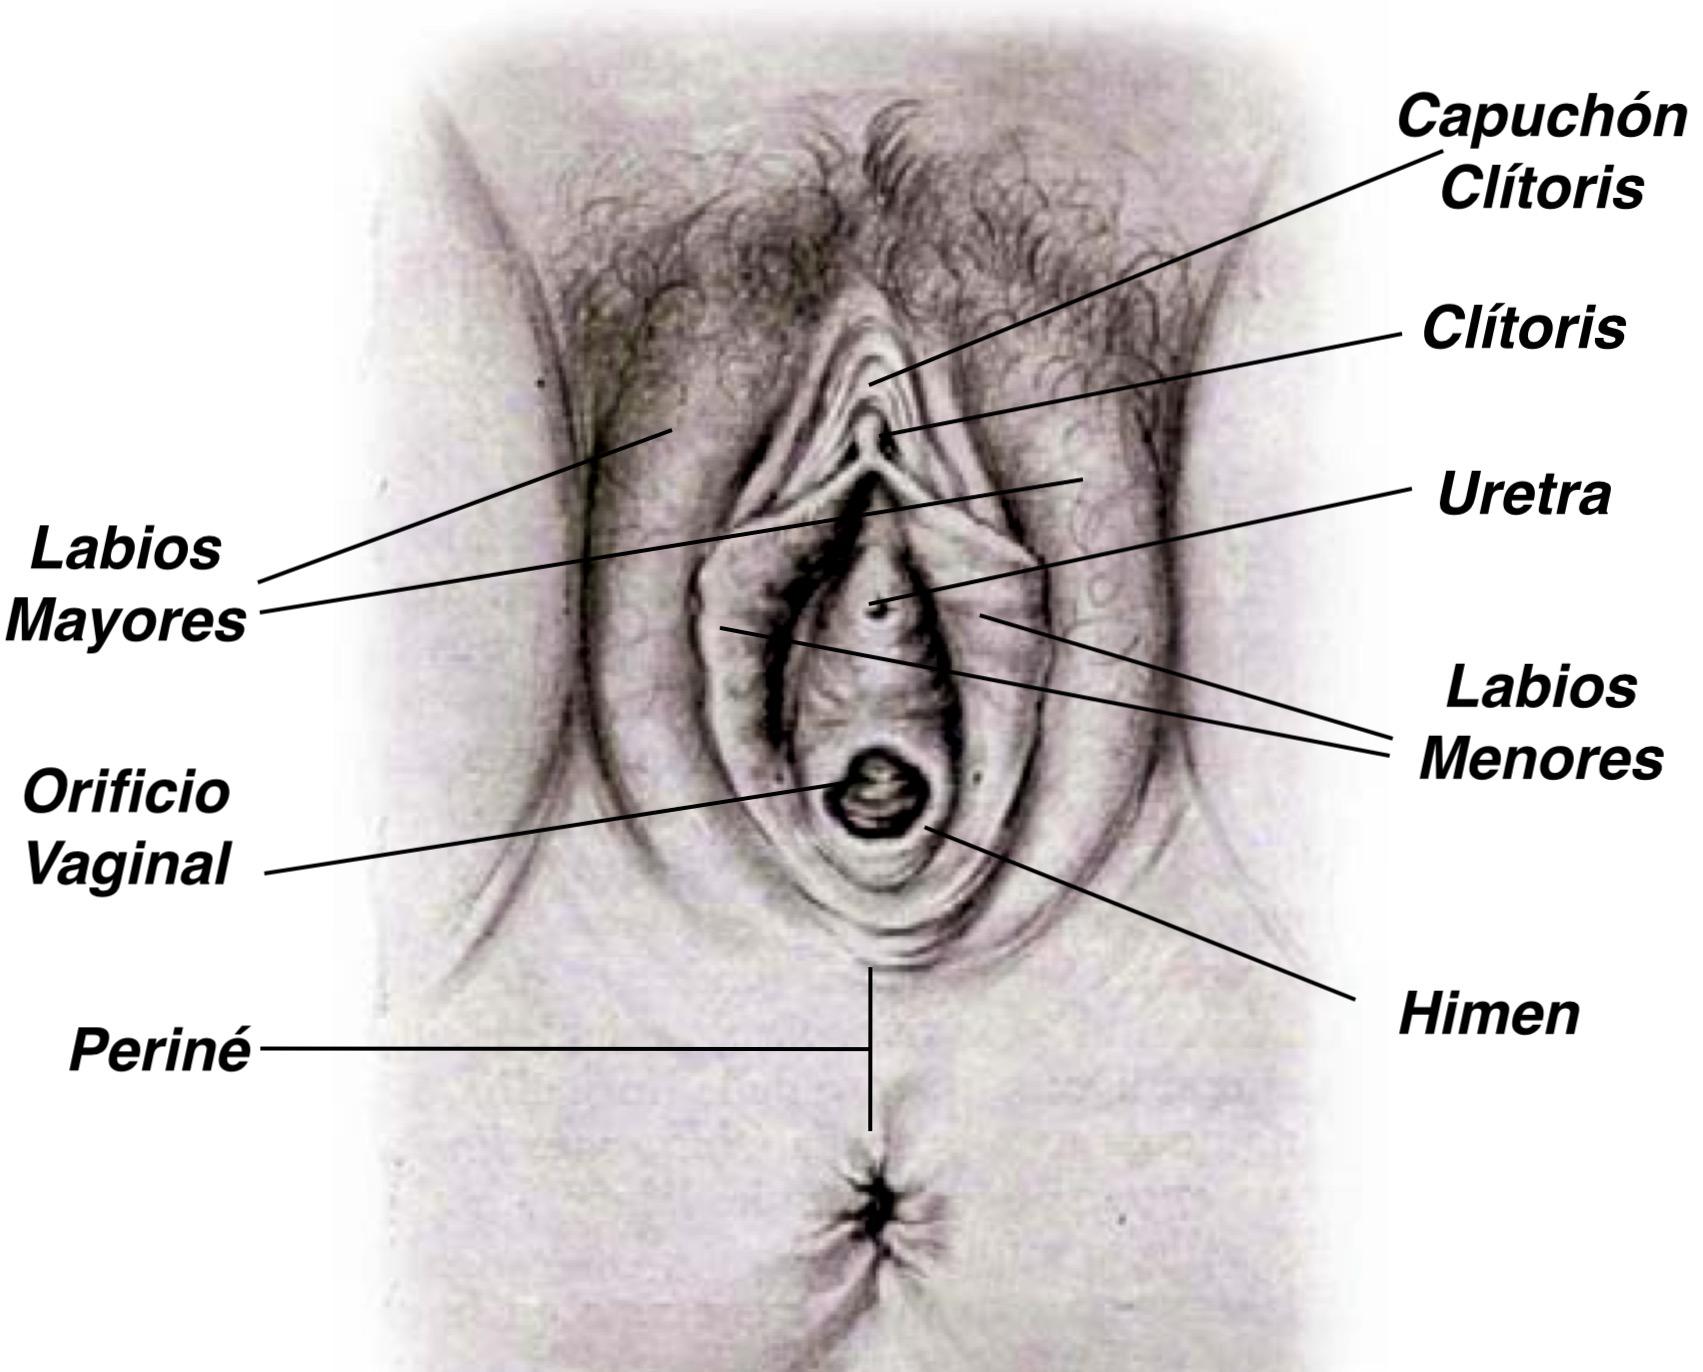 Anatomía general del aparato genital femenino - Intimagyne | Clínica ...